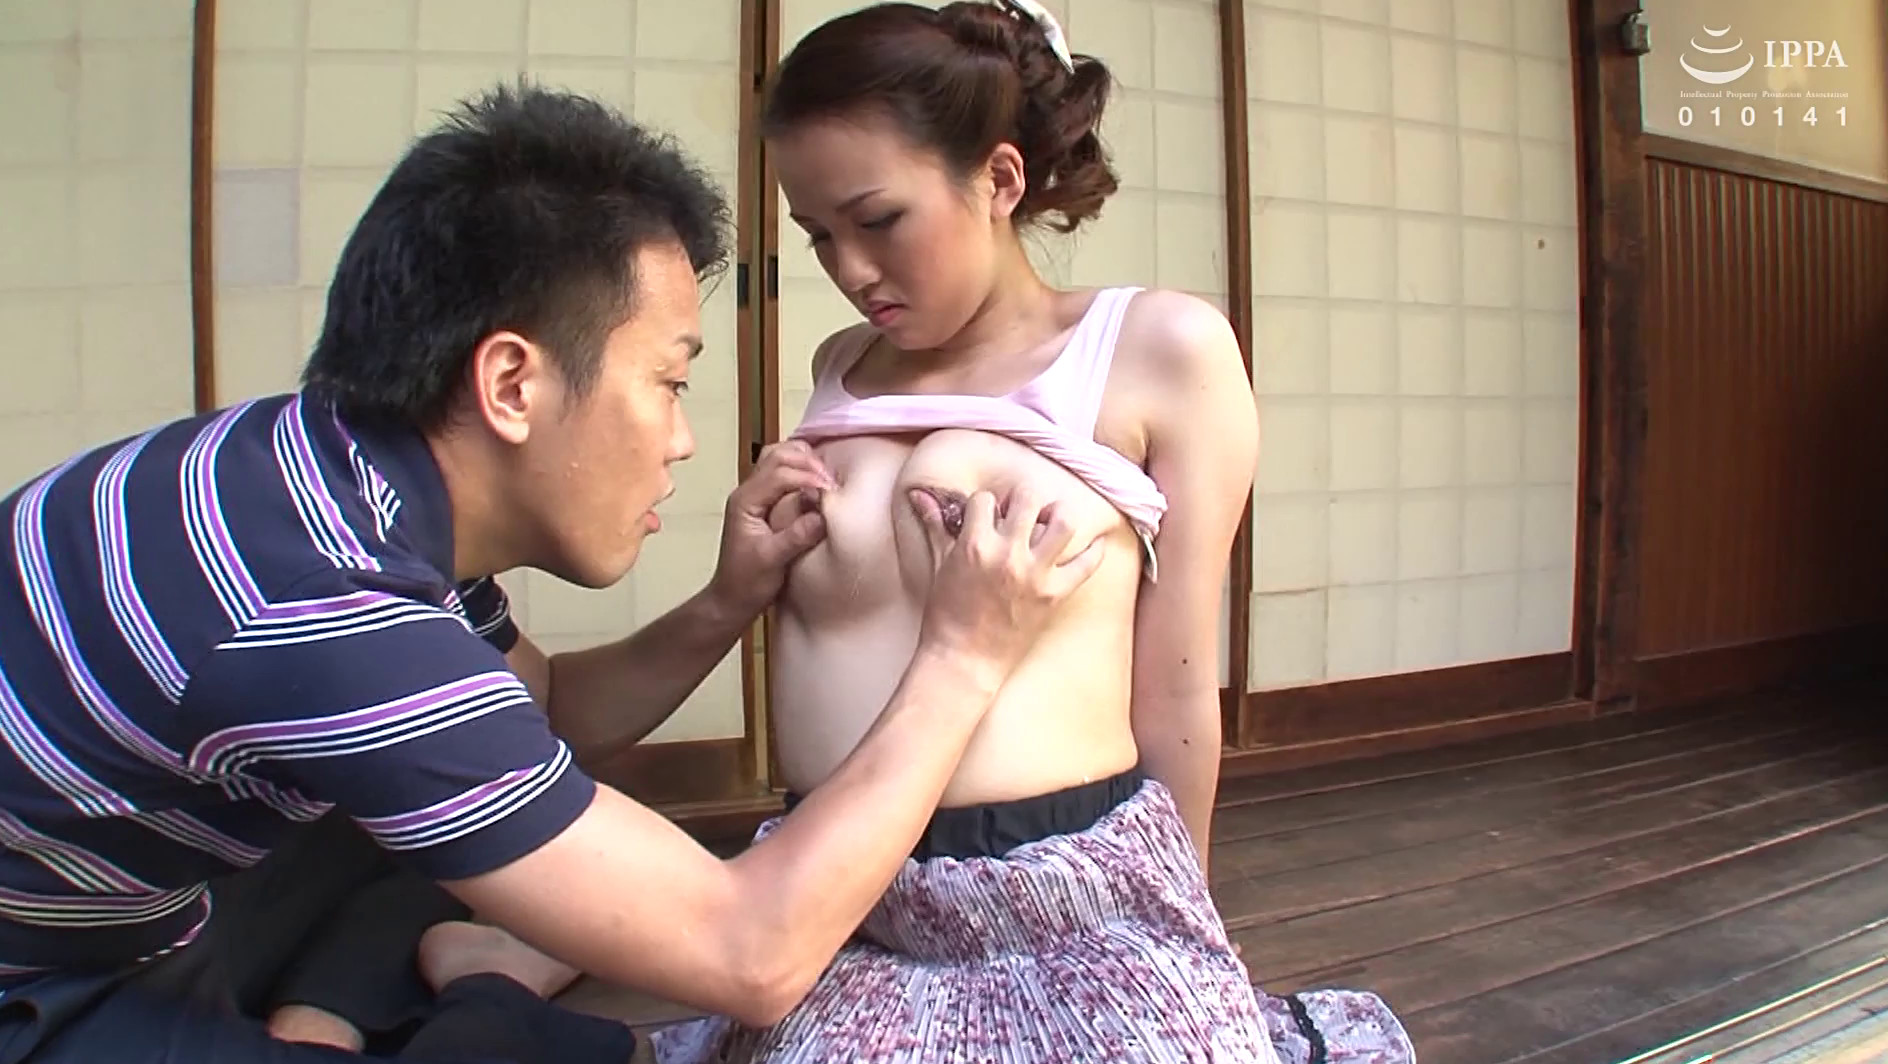 母性炸裂!!授乳手コキ&母乳プレイで癒しの密着射精体験 30人8時間 画像11